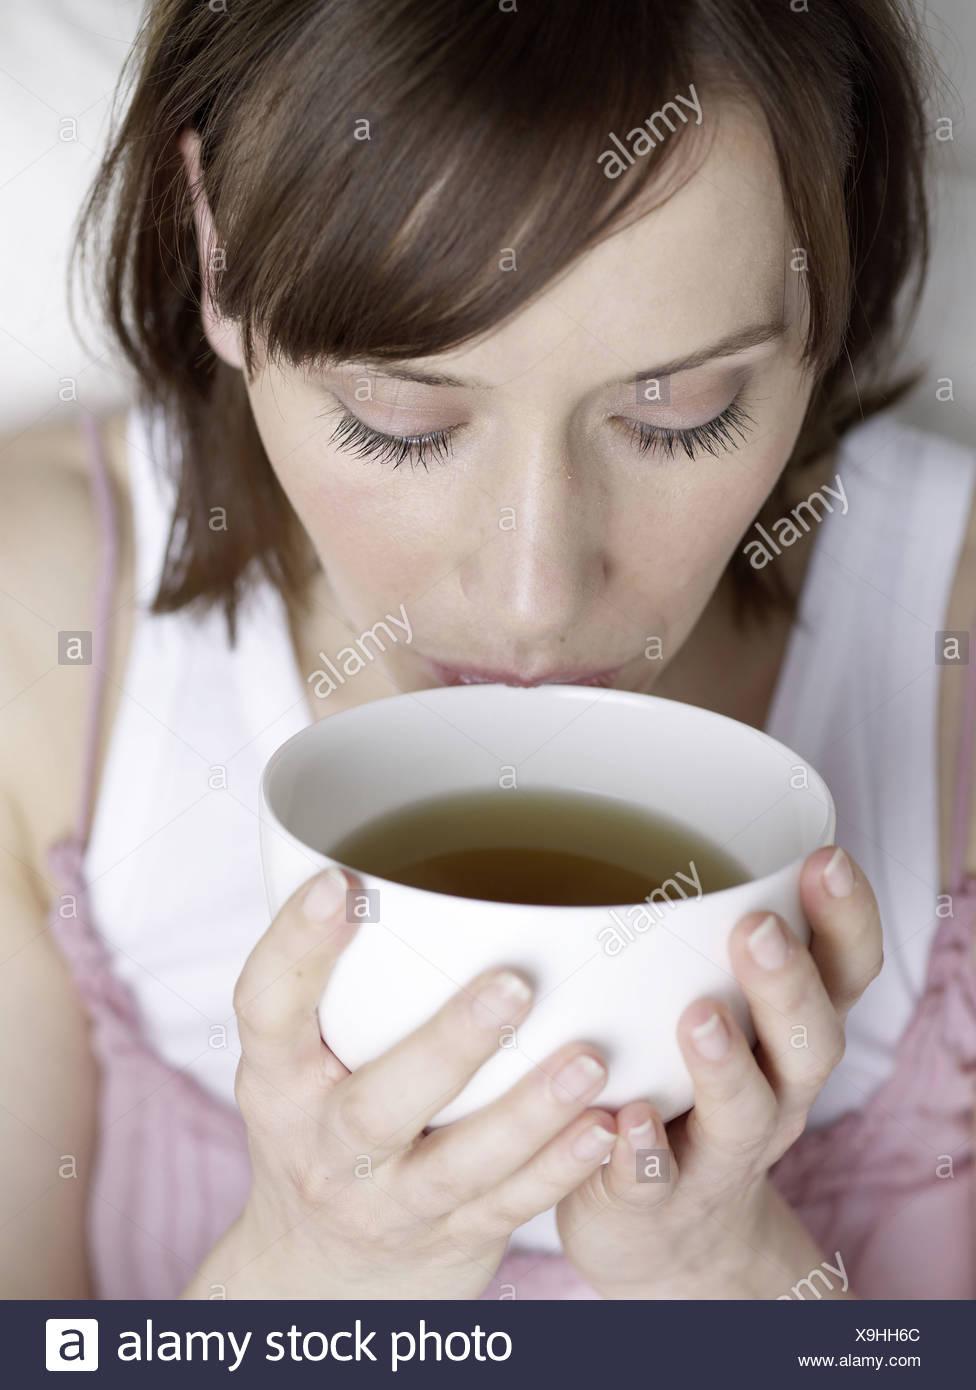 Frau trinkt aus einer Schale Stock Photo